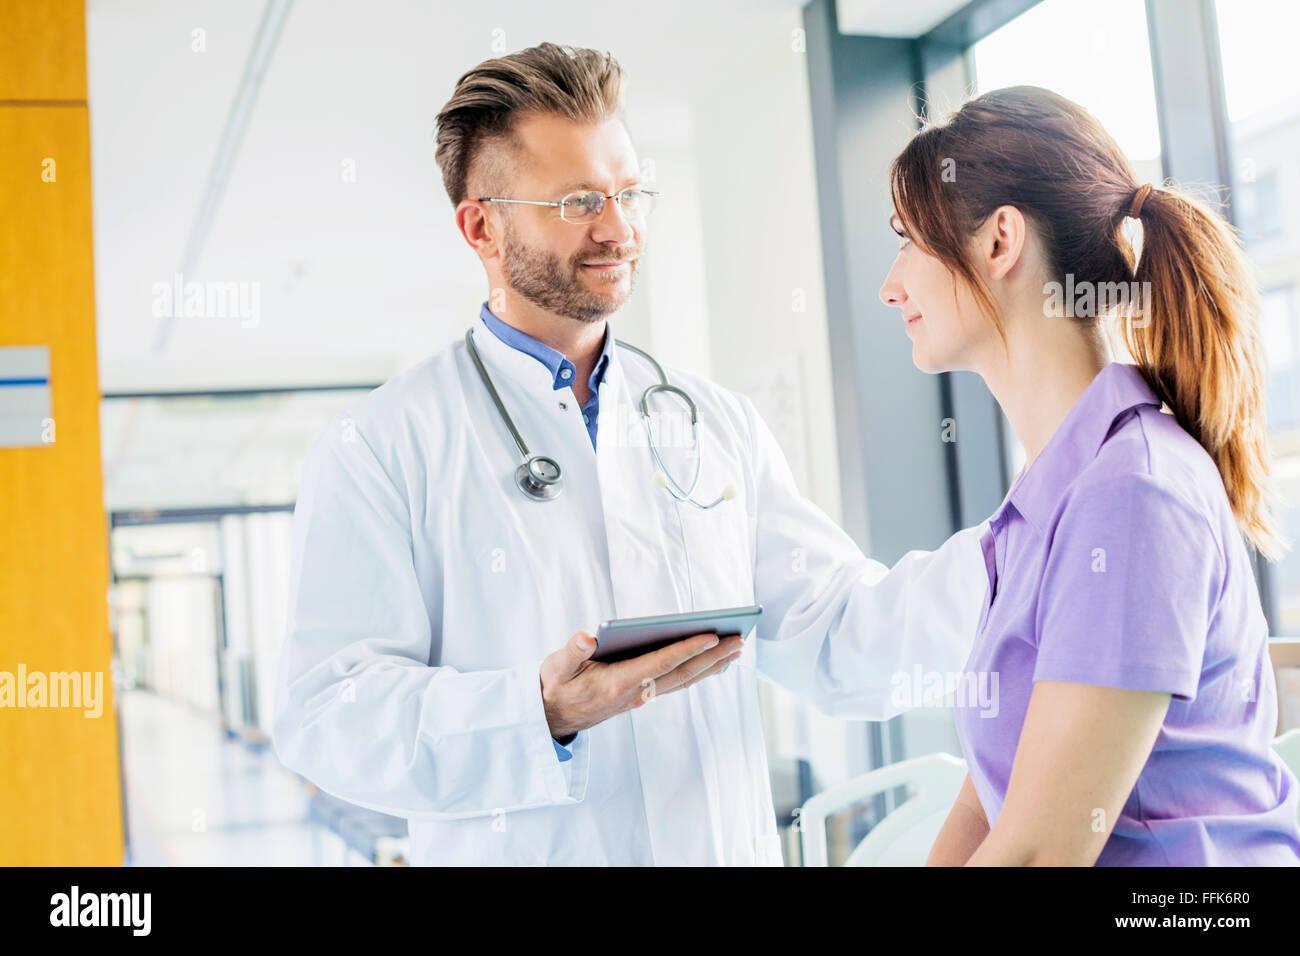 Medico toccando un collega sulla spalla Immagini Stock